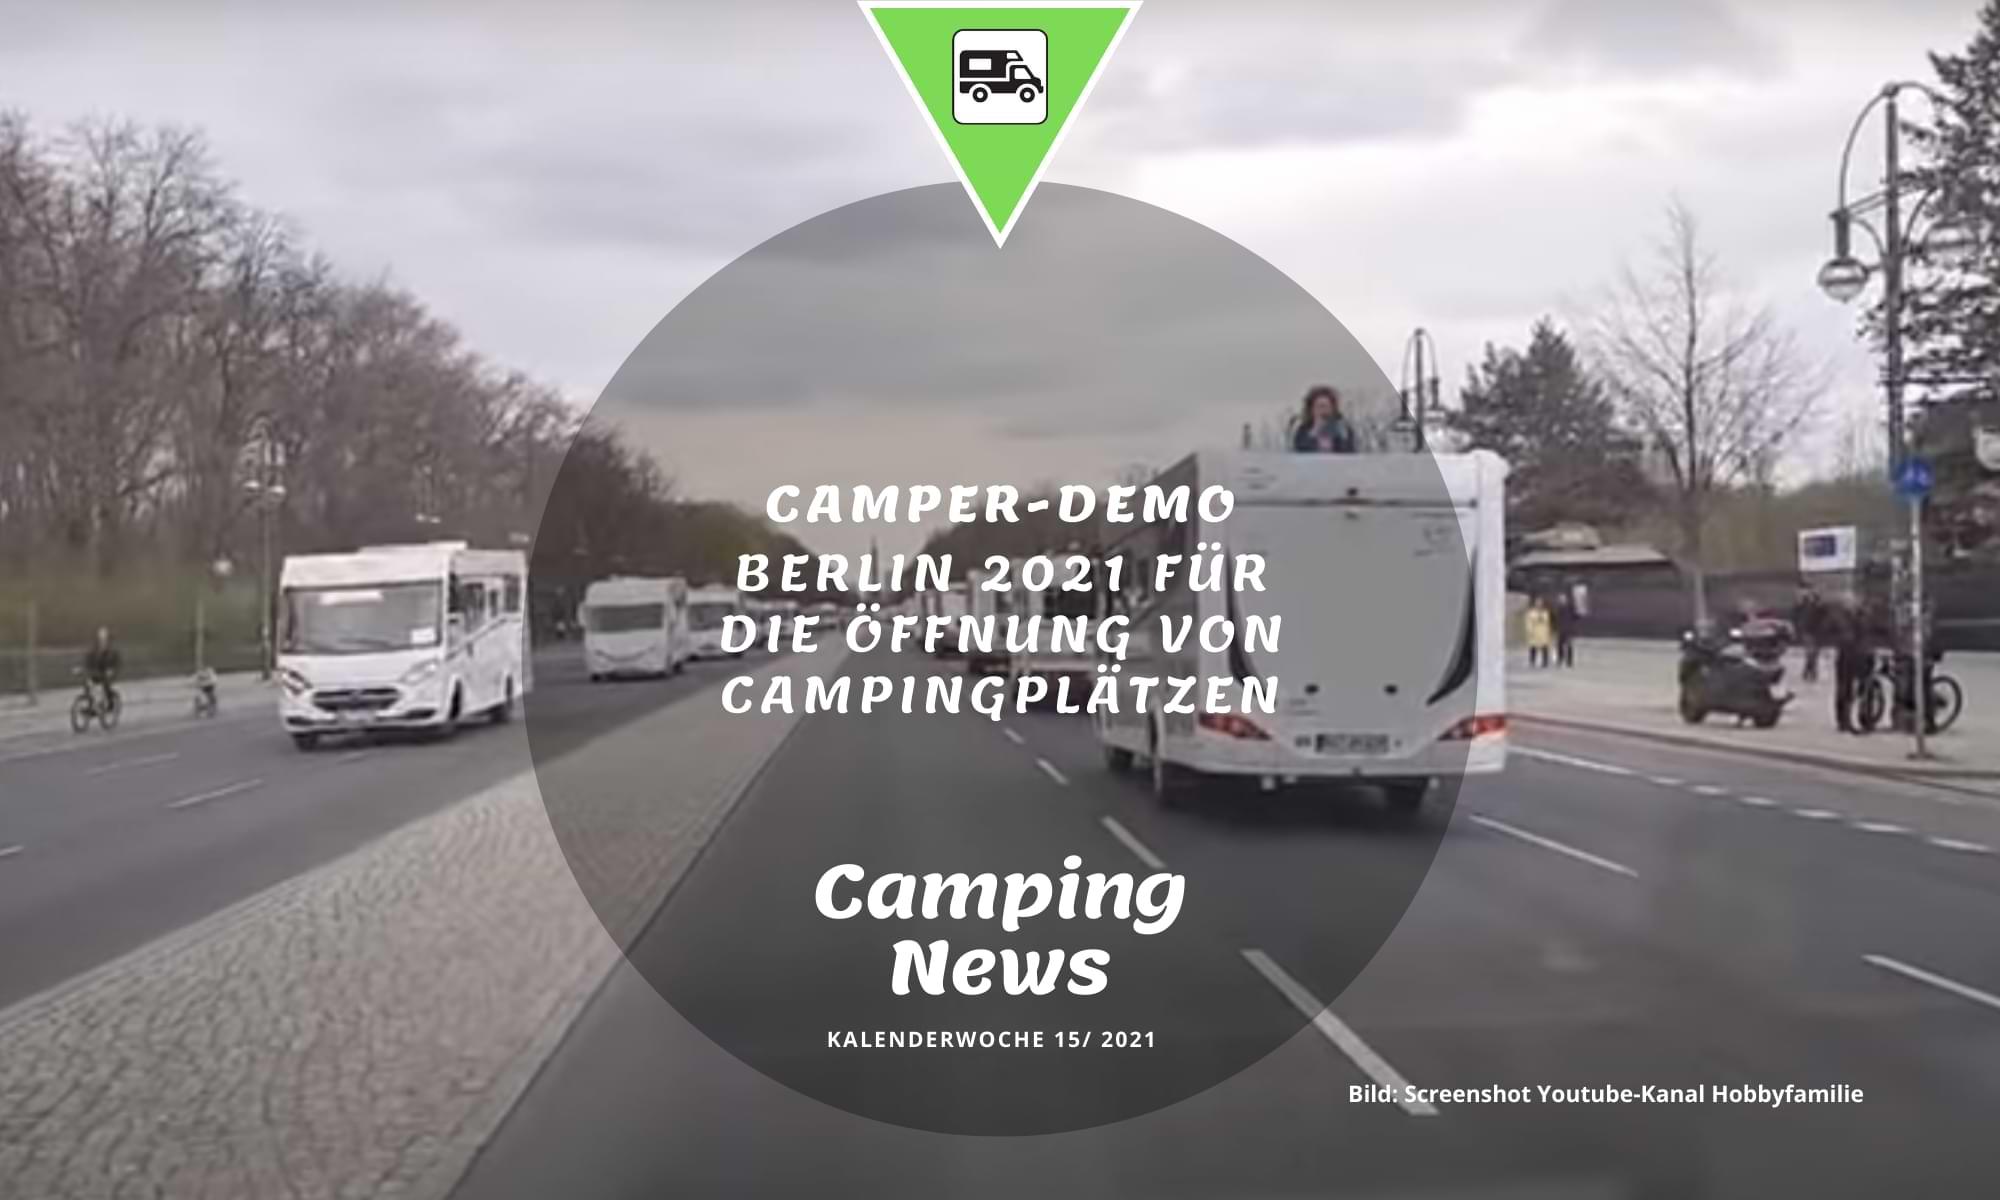 Campen mit Abstand – Camper-Demo in Berlin